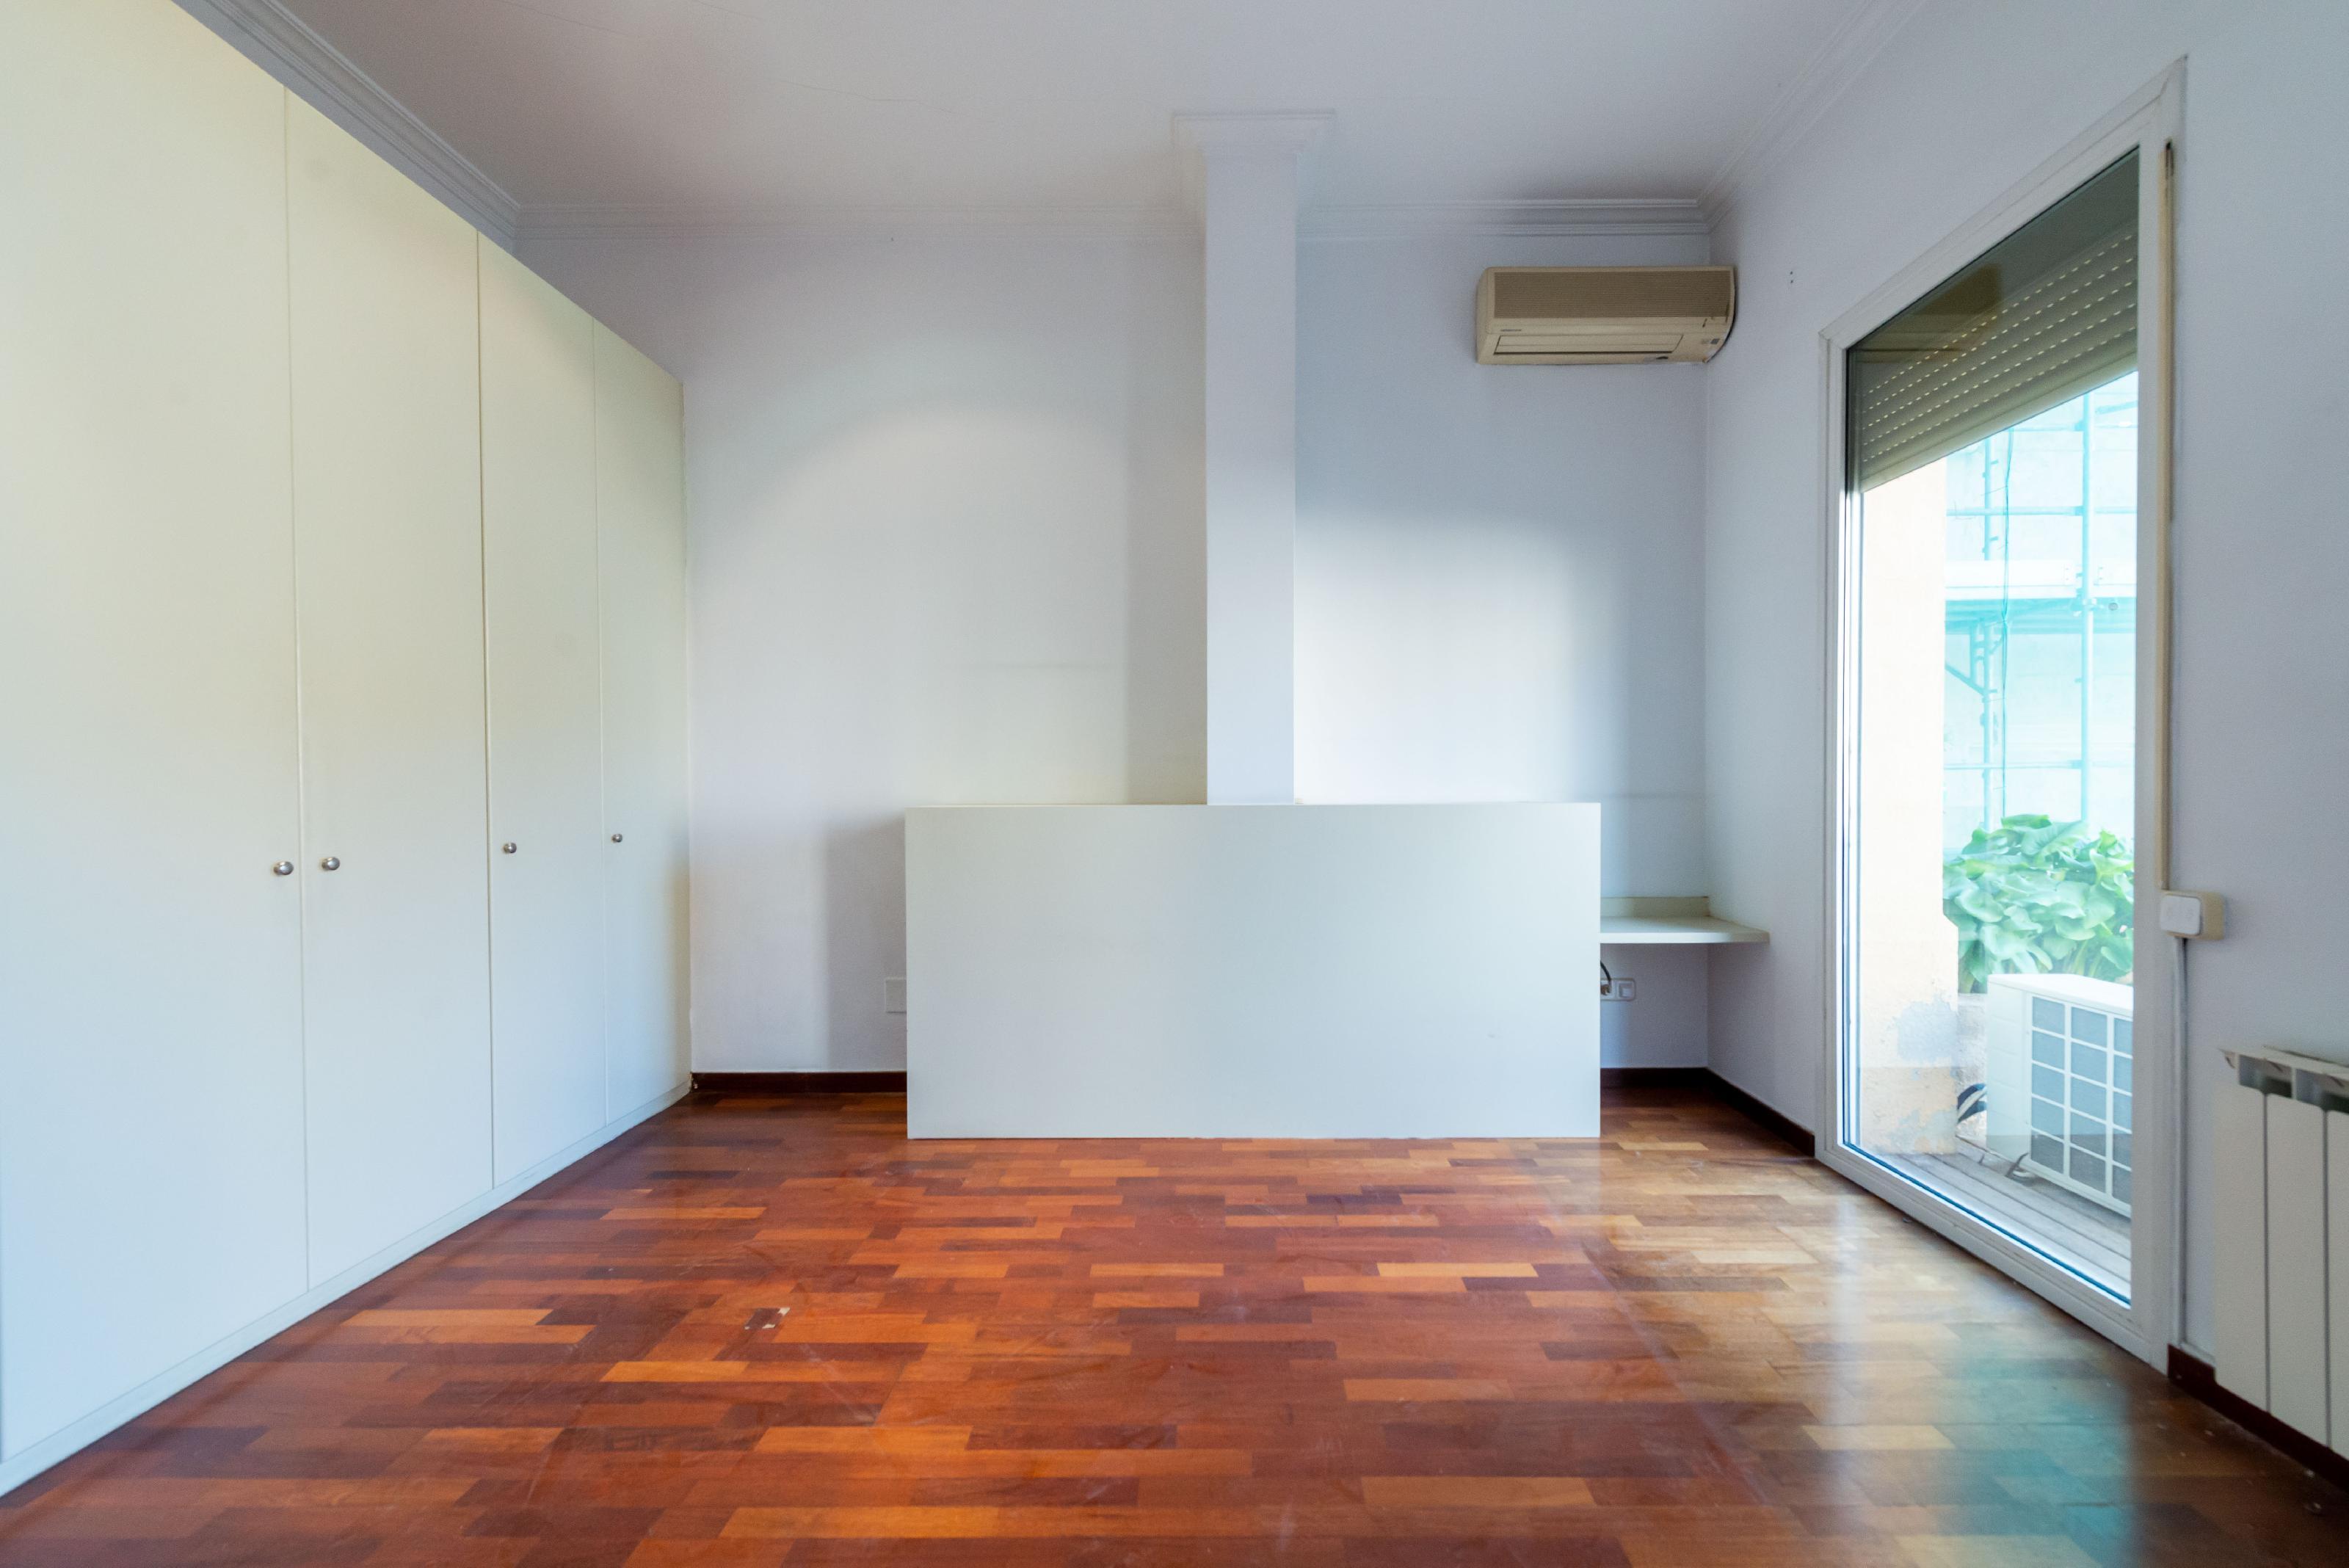 246020 Flat for sale in Sarrià-Sant Gervasi, Sarrià 20